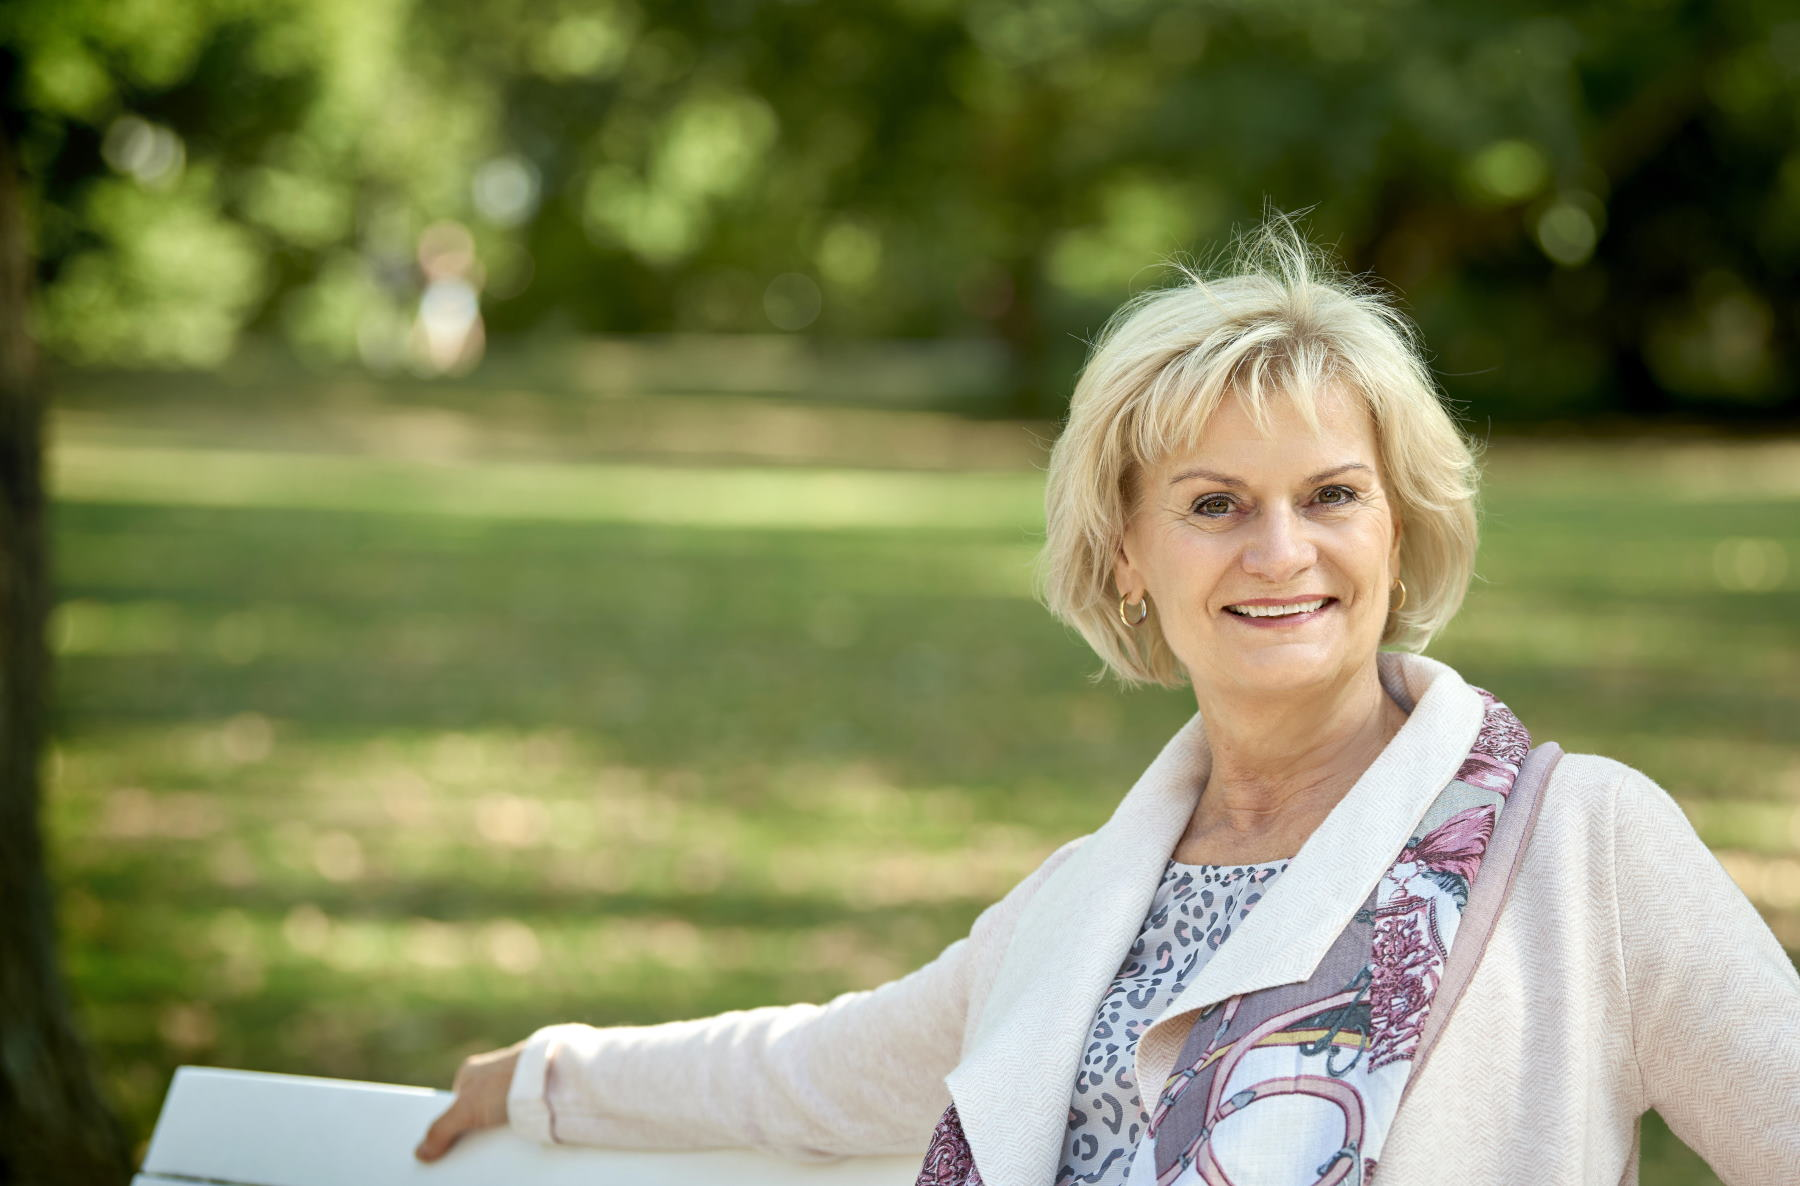 Iris Baumann - Partnerschaft, Sexualität und Weiblichkeit in der zweiten Lebenshälfte